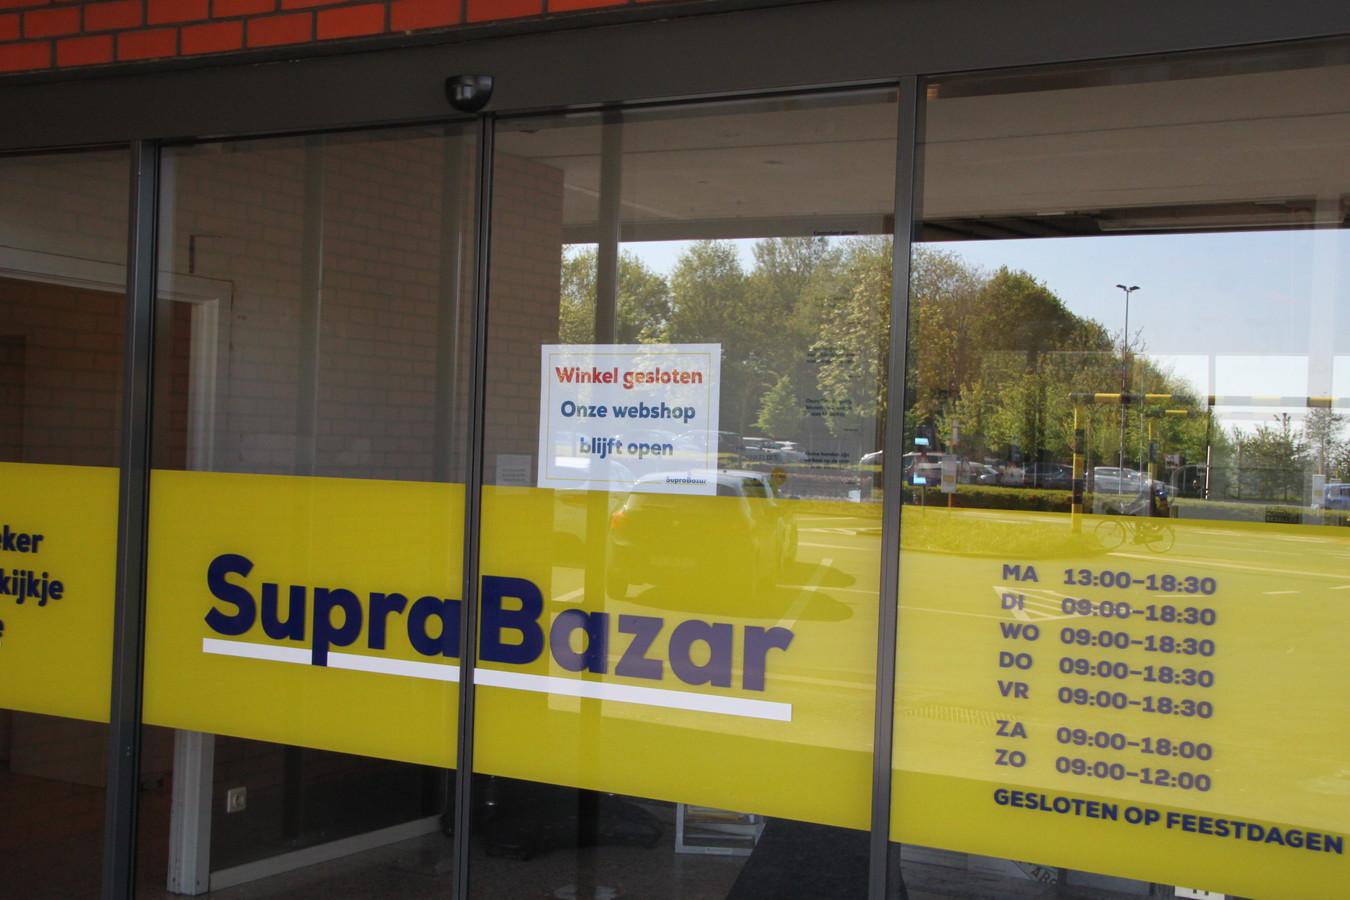 La famille Vanhalst, propriétaire de la chaîne de magasins Supra Bazar, fait l'objet d'une enquête qui déborde même au Luxembourg.